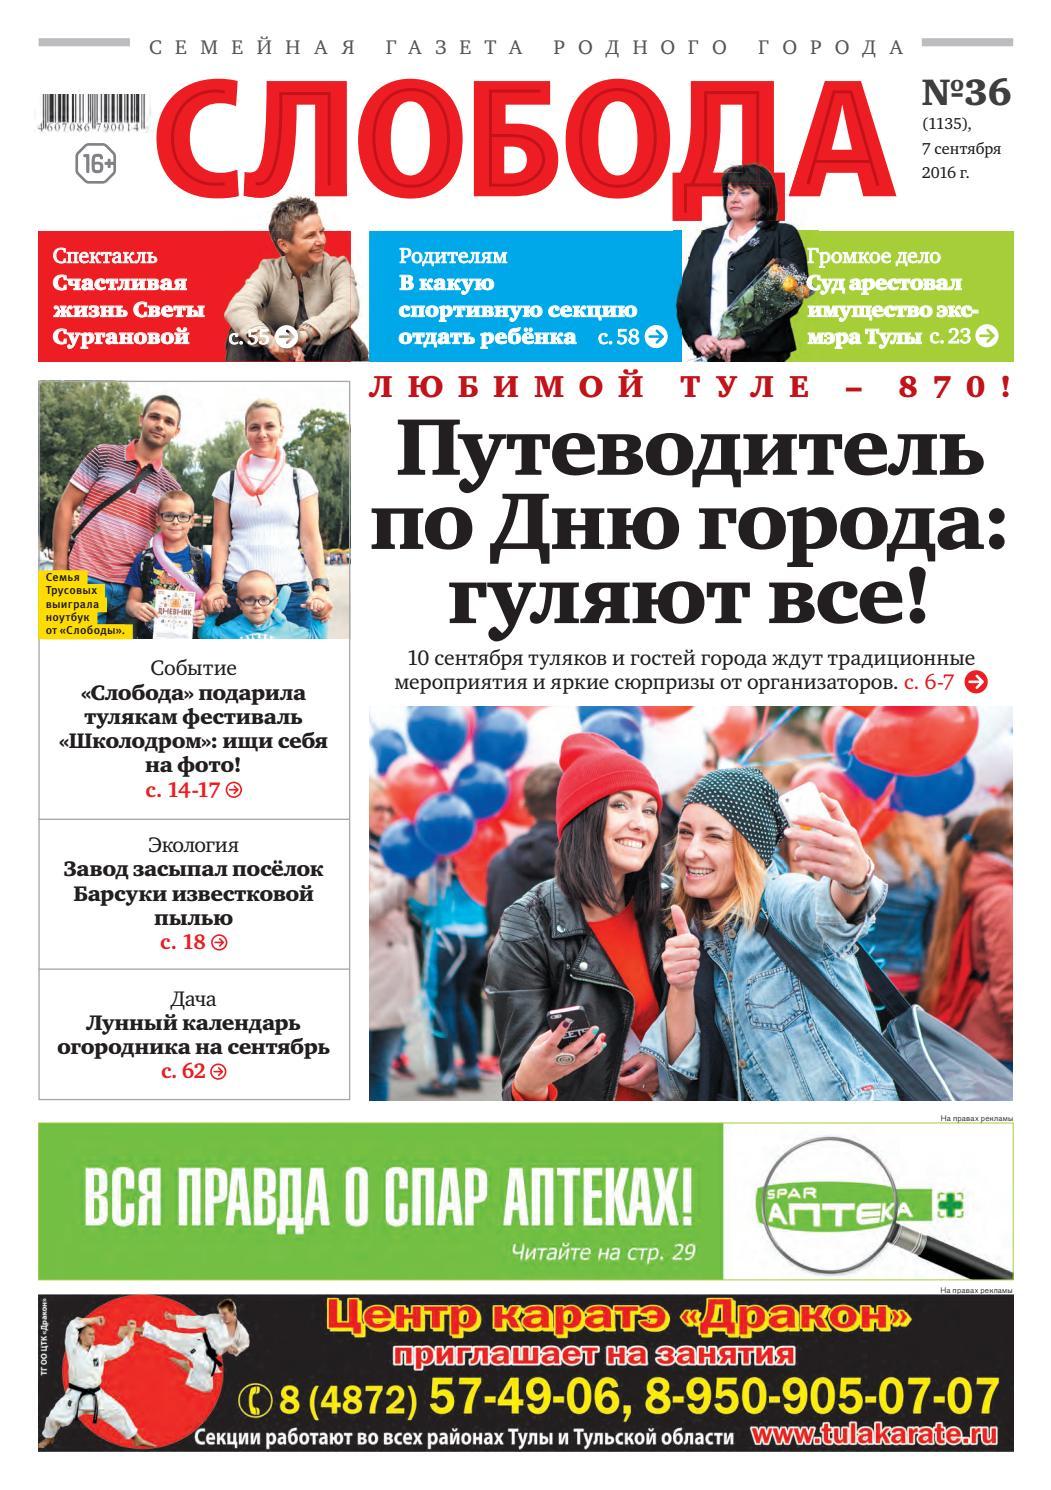 Слобода №36 (1135)  Путеводитель по Дню города  гуляют все! by Газета